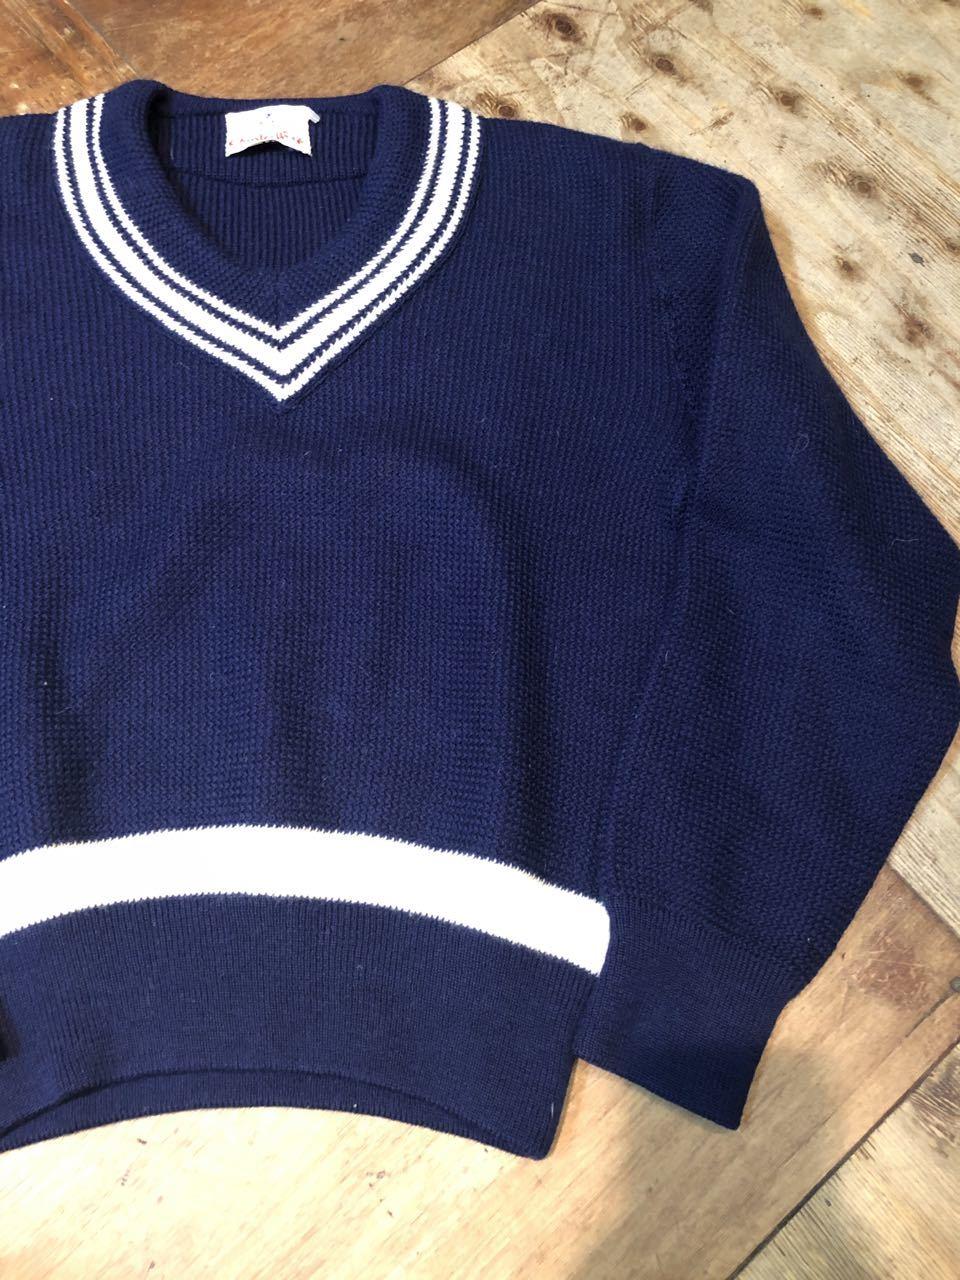 1月25日(土)入荷!all wool NORWAY製 クリケットセーター(チルデンセーター)_c0144020_13270499.jpg